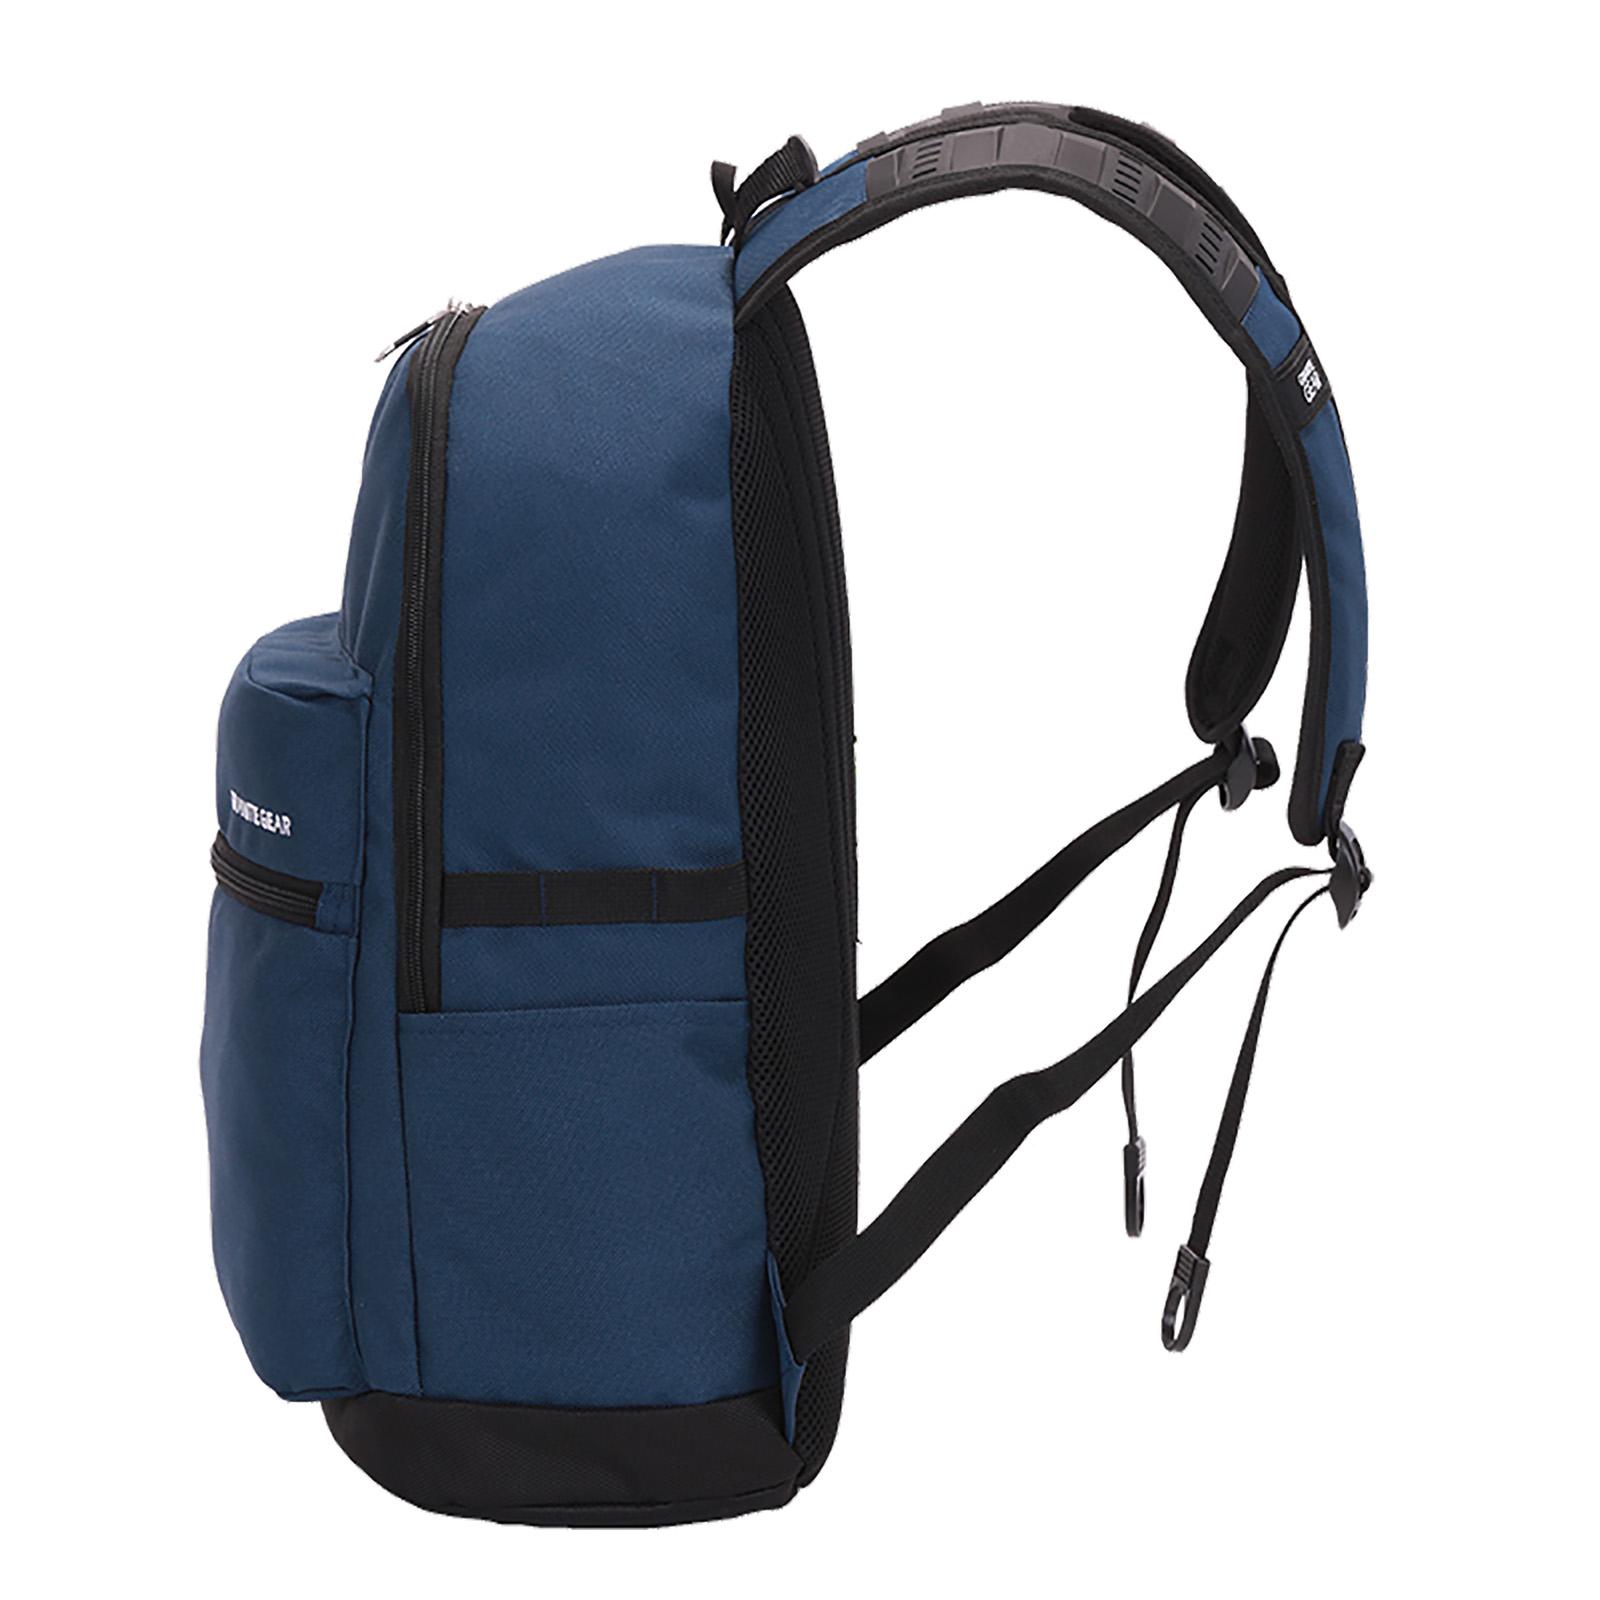 09d2163da48aa Rucksack Daypack Laptop Damen Herren Wandern Schule Reise Backpack ...